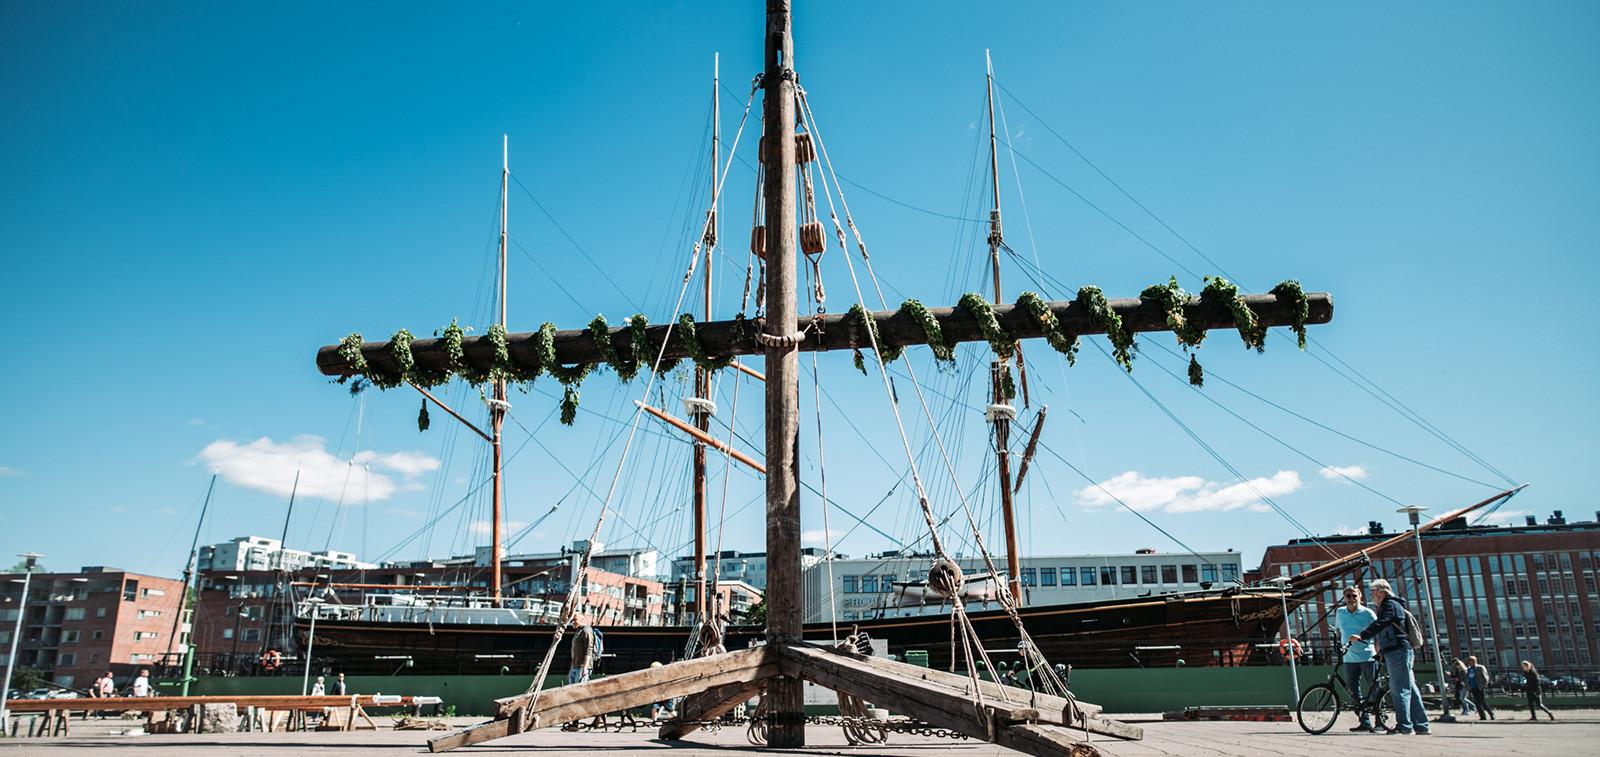 Museolaiva Sigynin vanhoista mastoista rakennettu taideteos, taustalla museolaiva Sigyn Aurajoessa